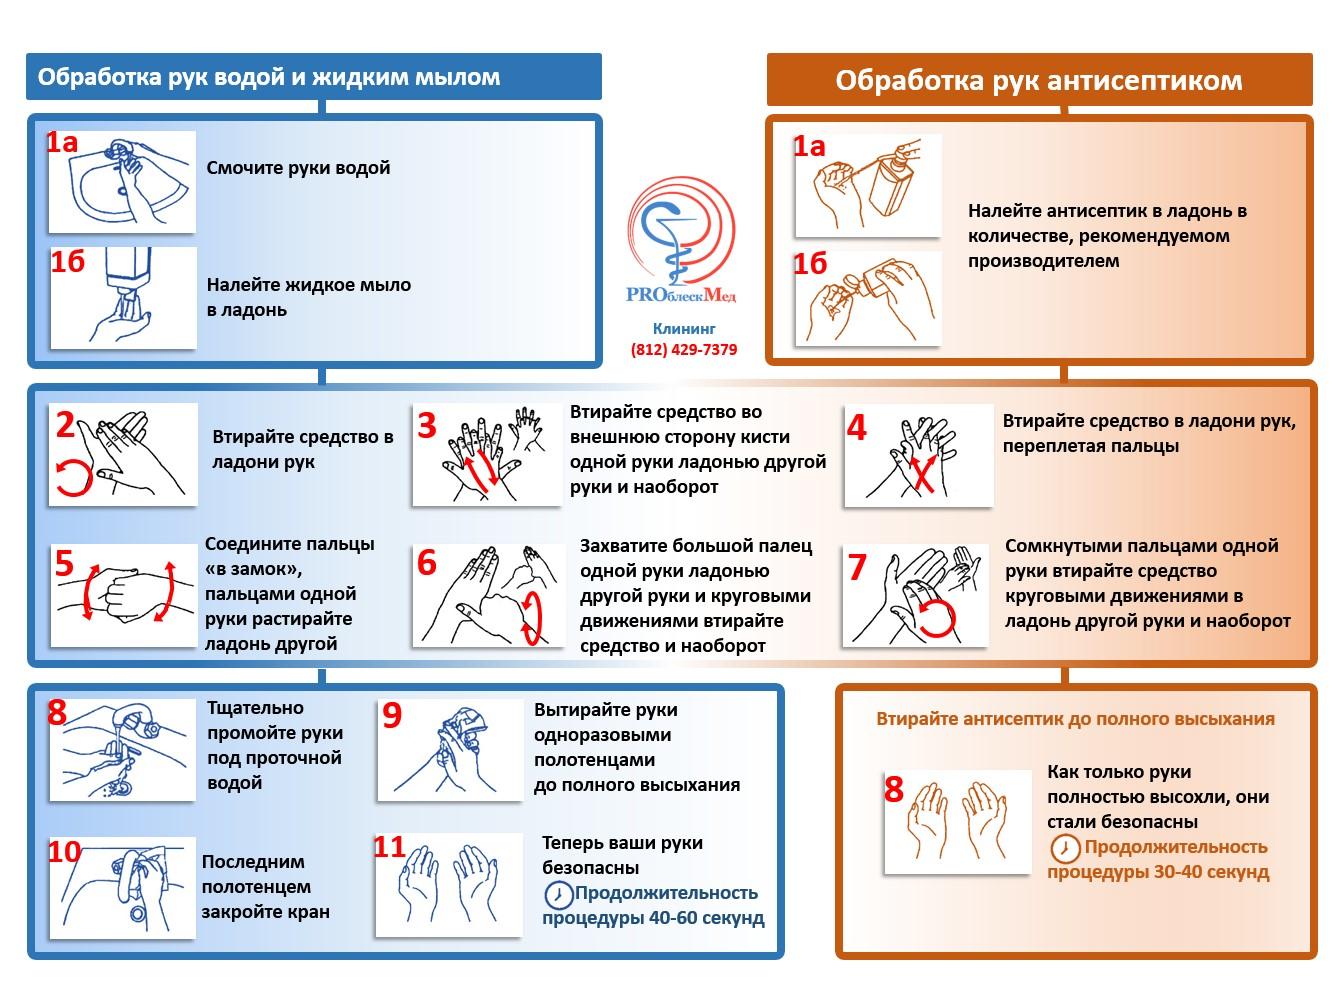 инструкция для медработника внутрибольничной инфекции